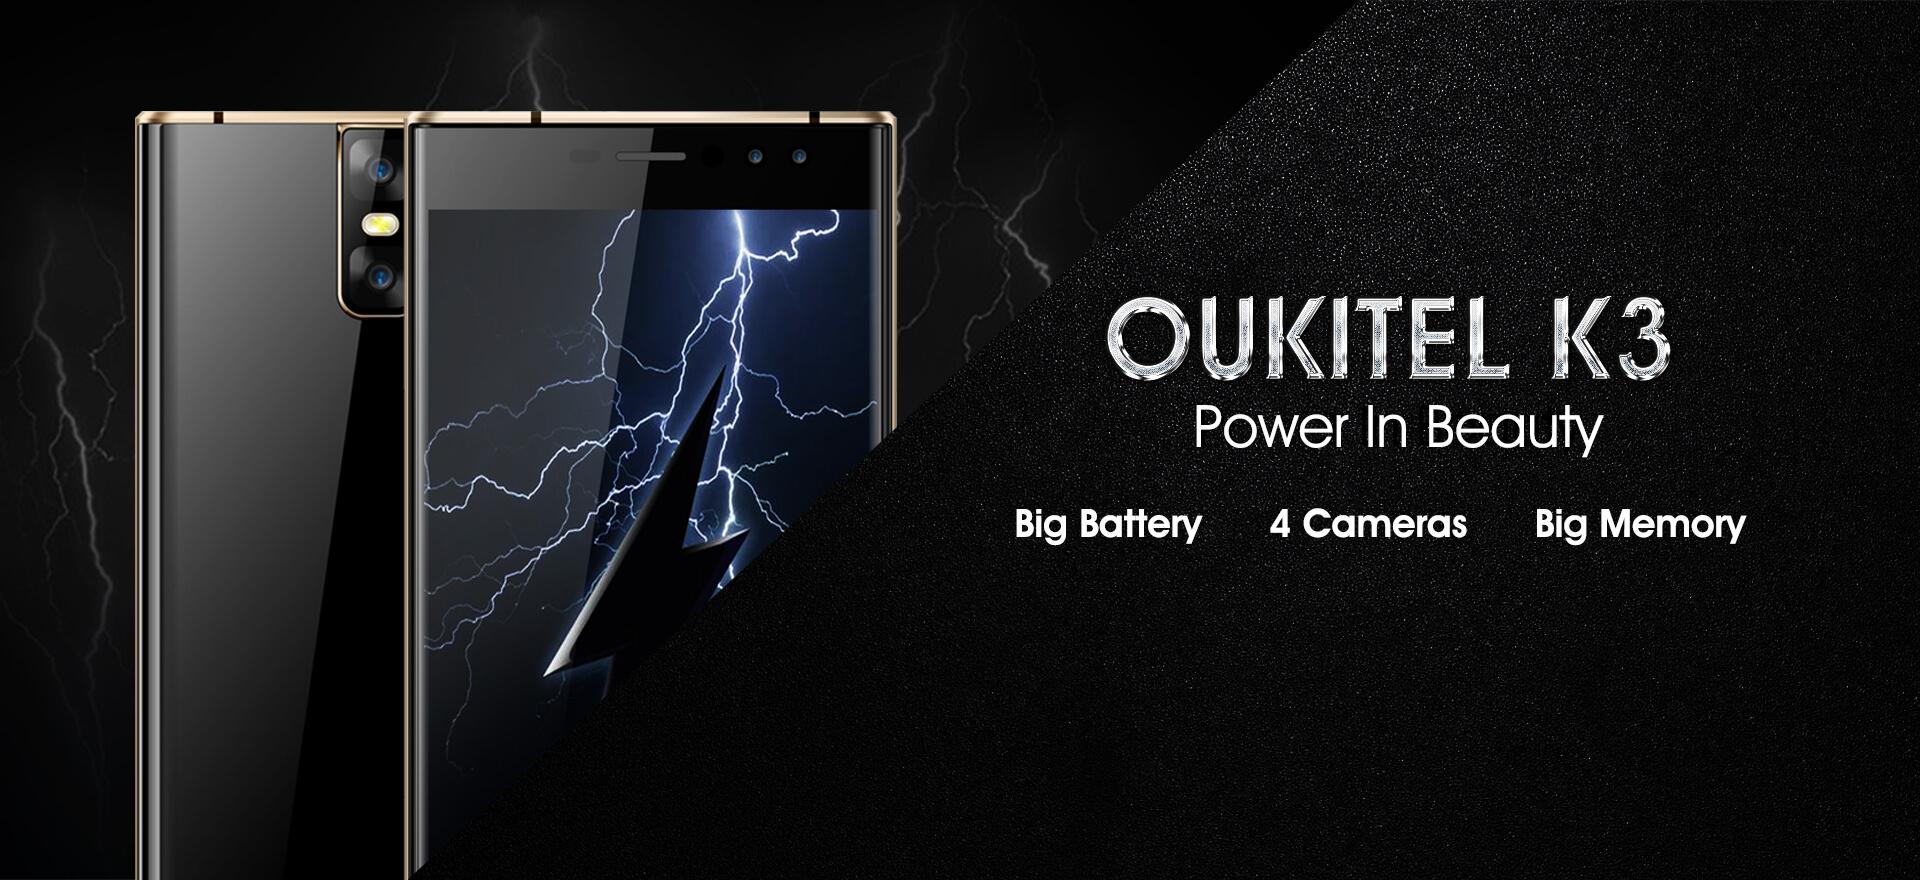 Угадай емкость батареи этого смартфона и получи его в подарок